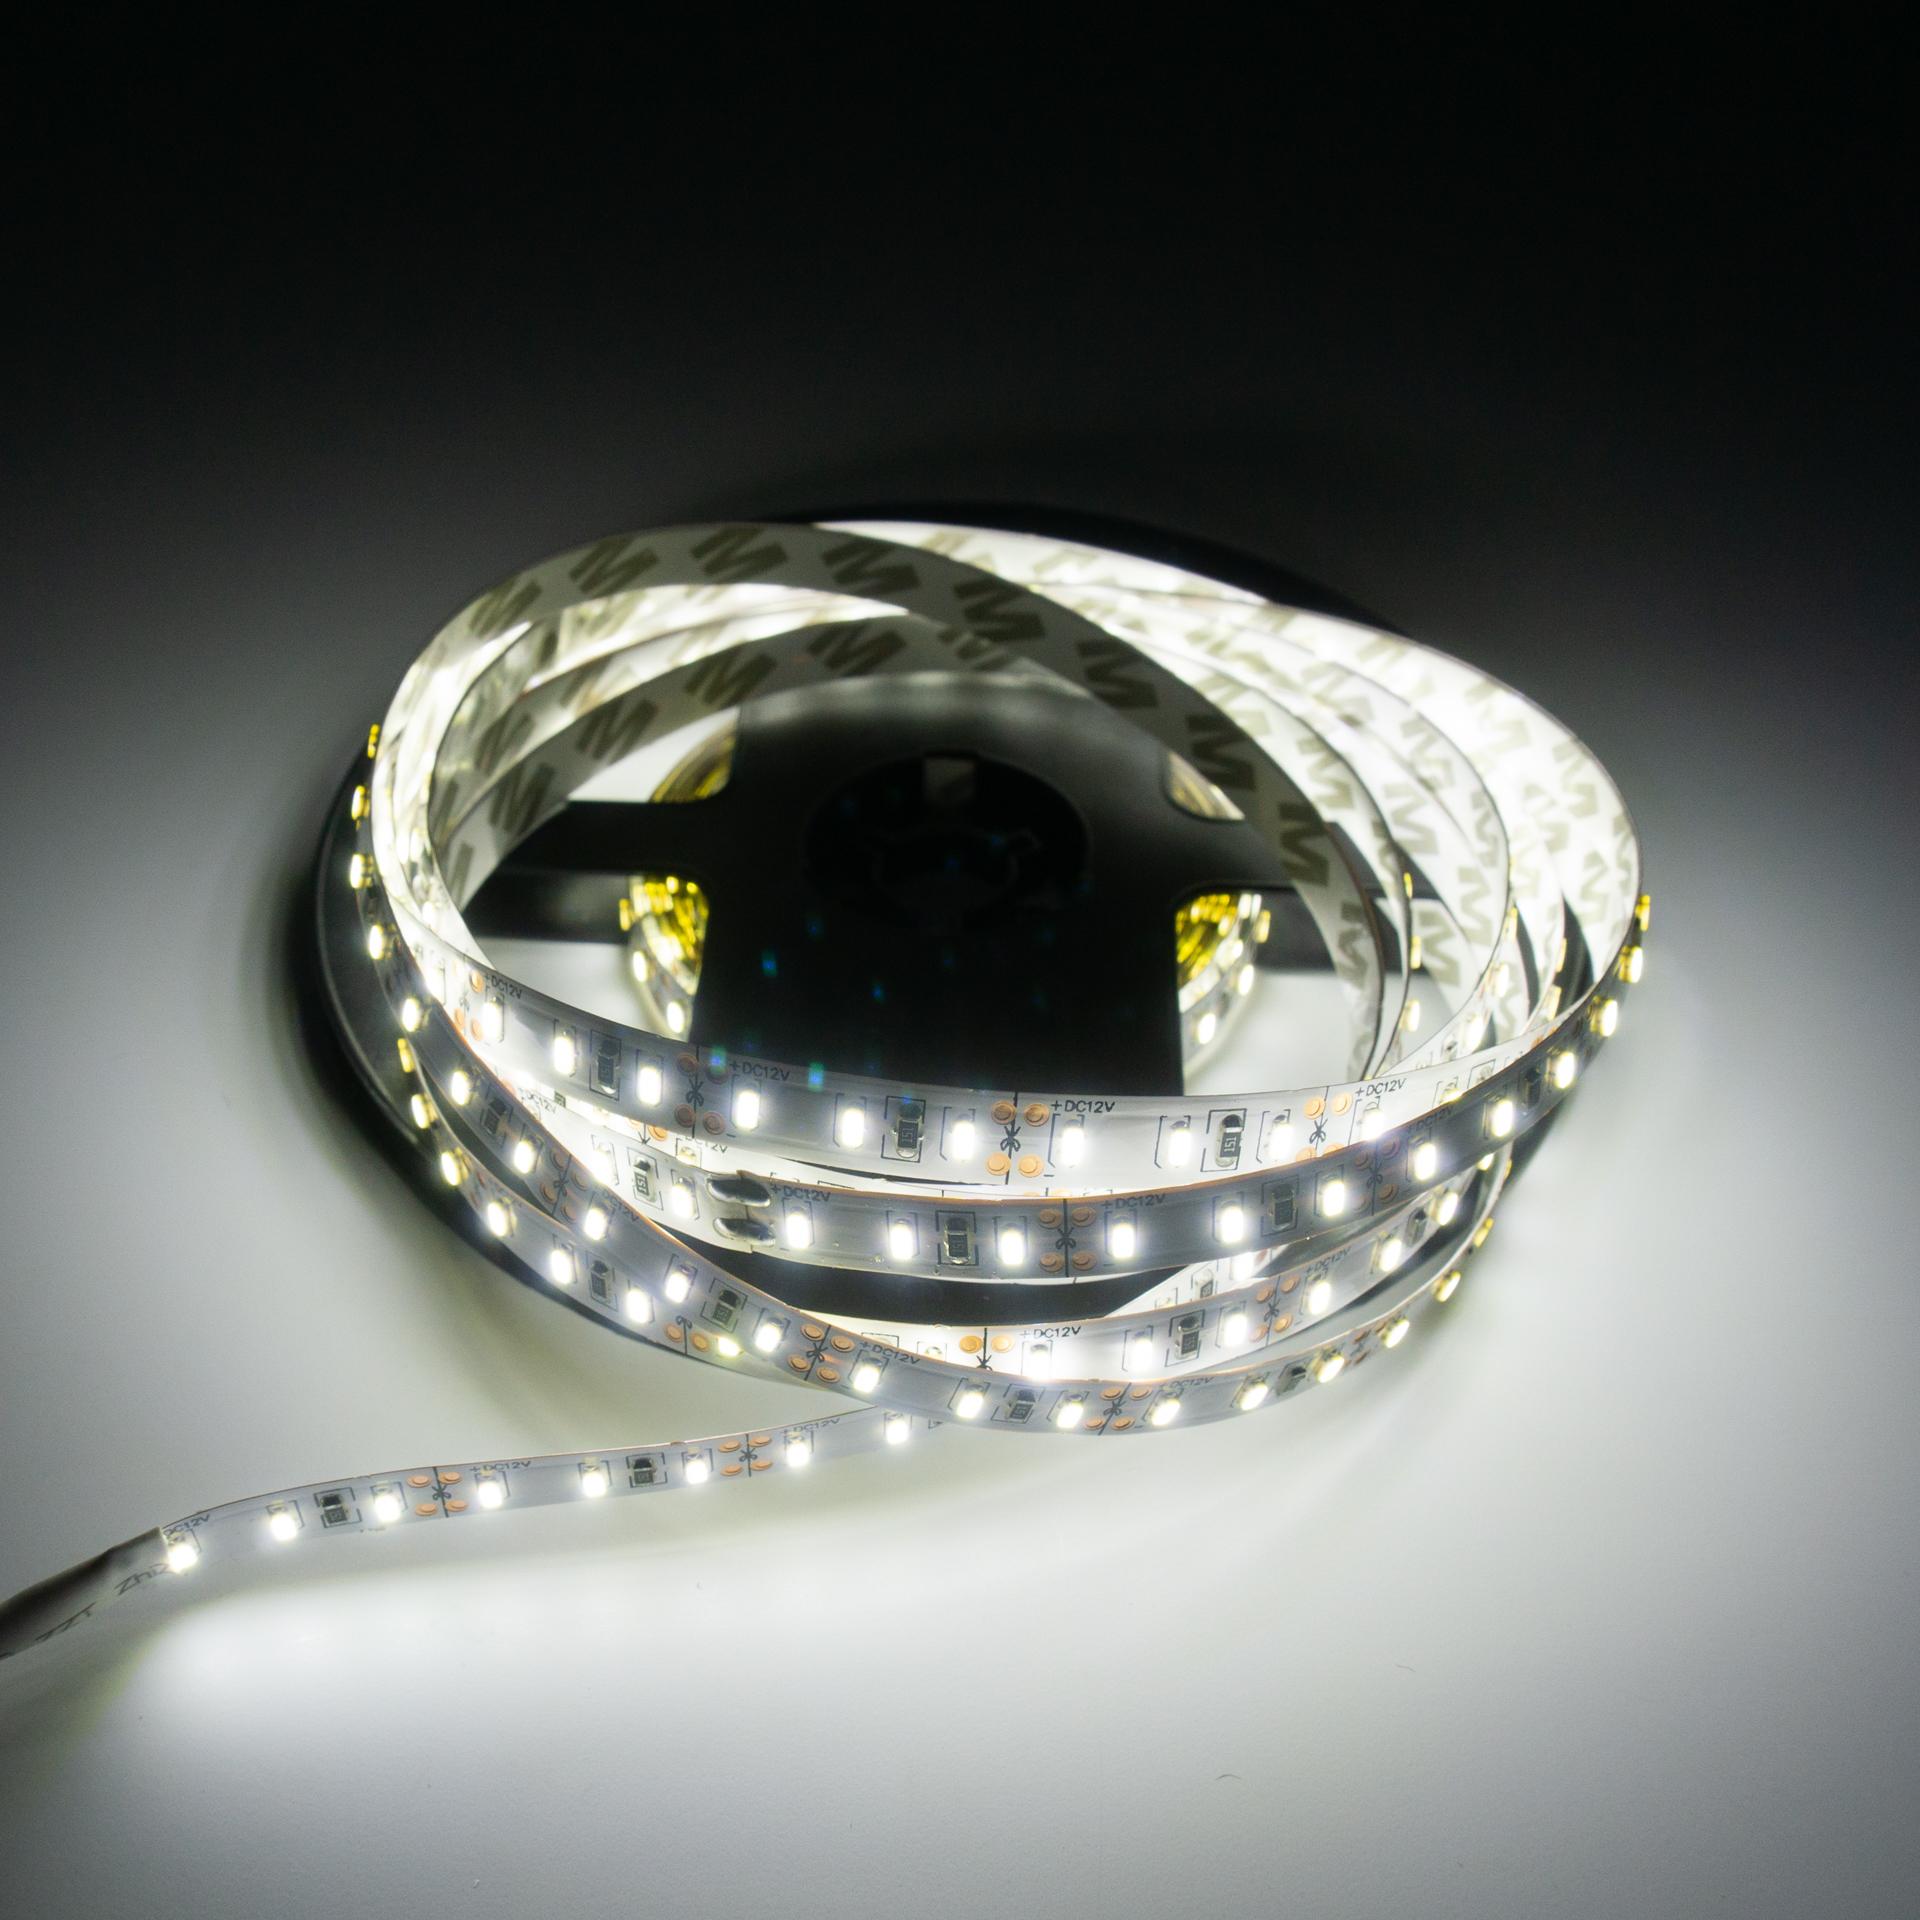 LED Szalag Beltéri 3014 120 LED/M 12V Hideg Fehér LS-53014120W